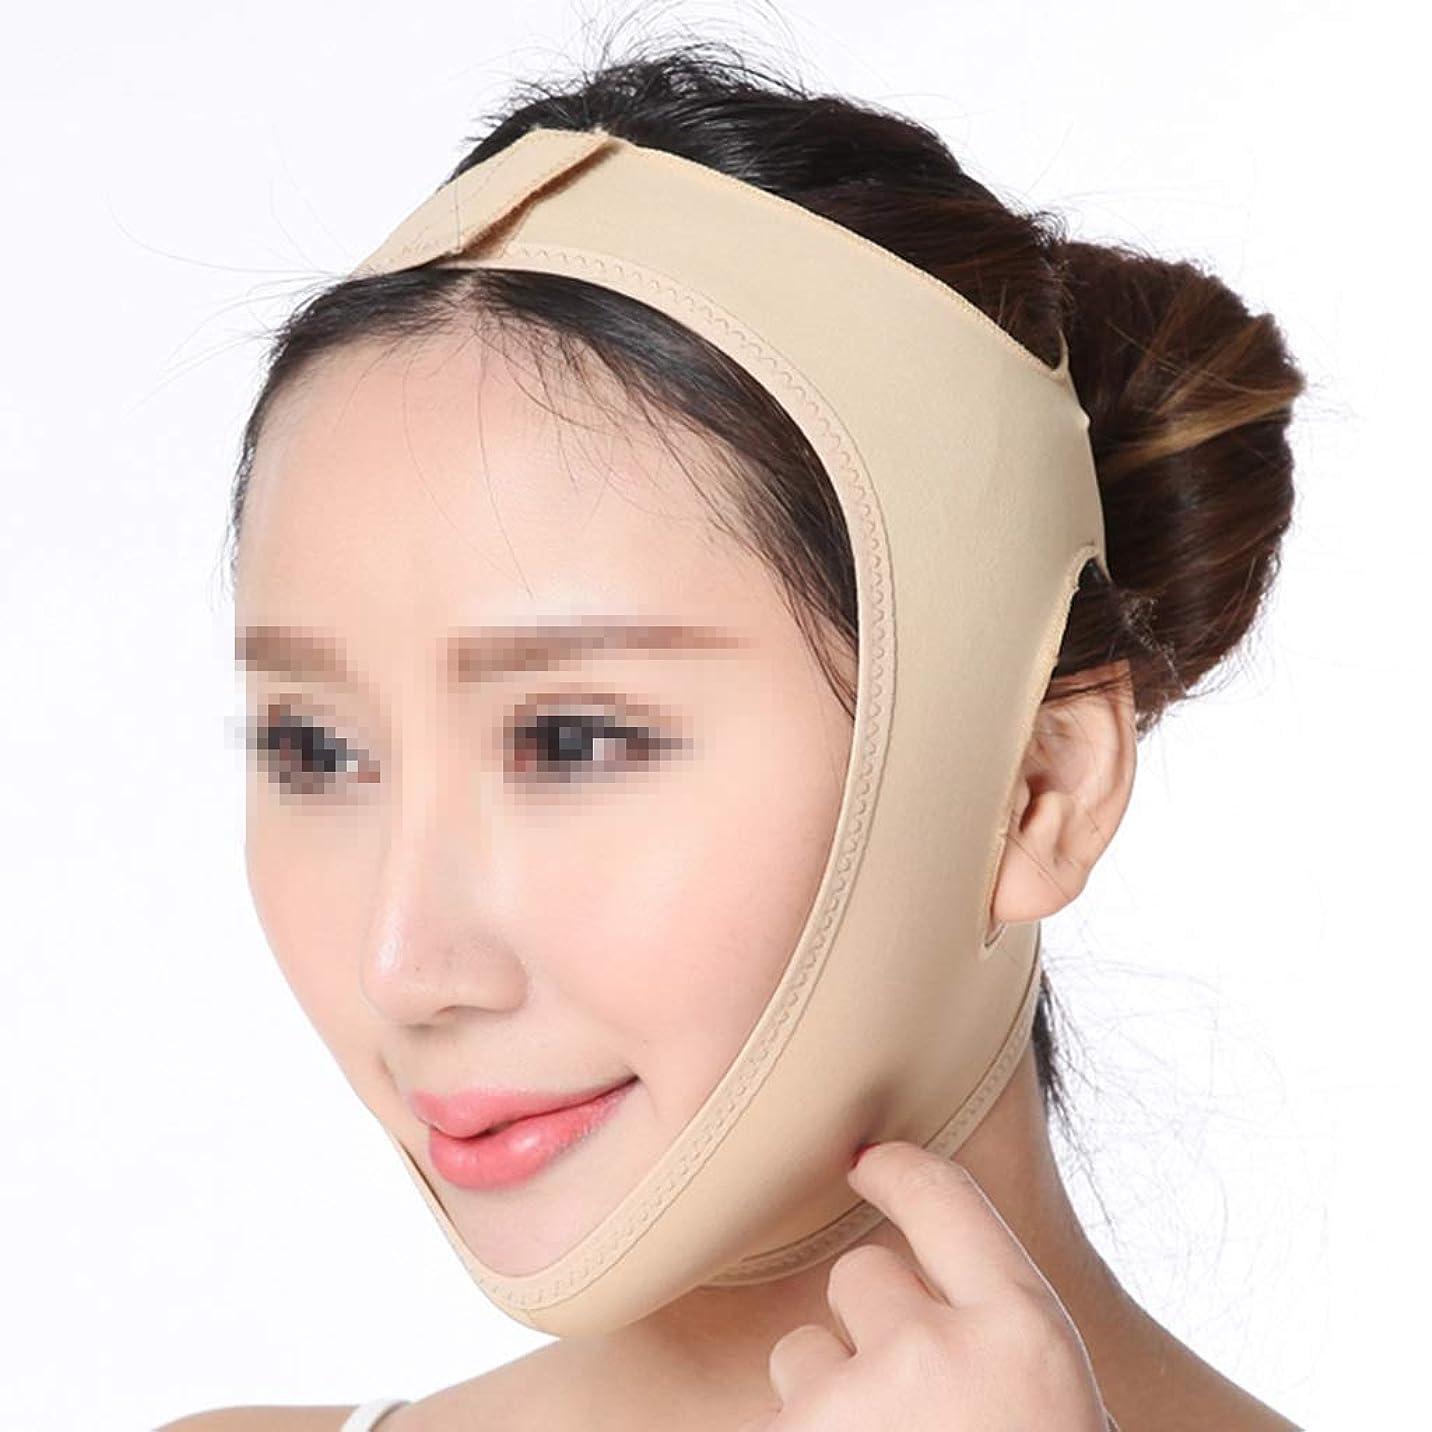 メジャーファーザーファージュ調整可能XHLMRMJ 美容マスク、回復後のライン彫刻二重あごフェイスリフトアーティファクトフェイス小型Vフェイス楽器包帯リフティングケアヘッドギア (Size : L)